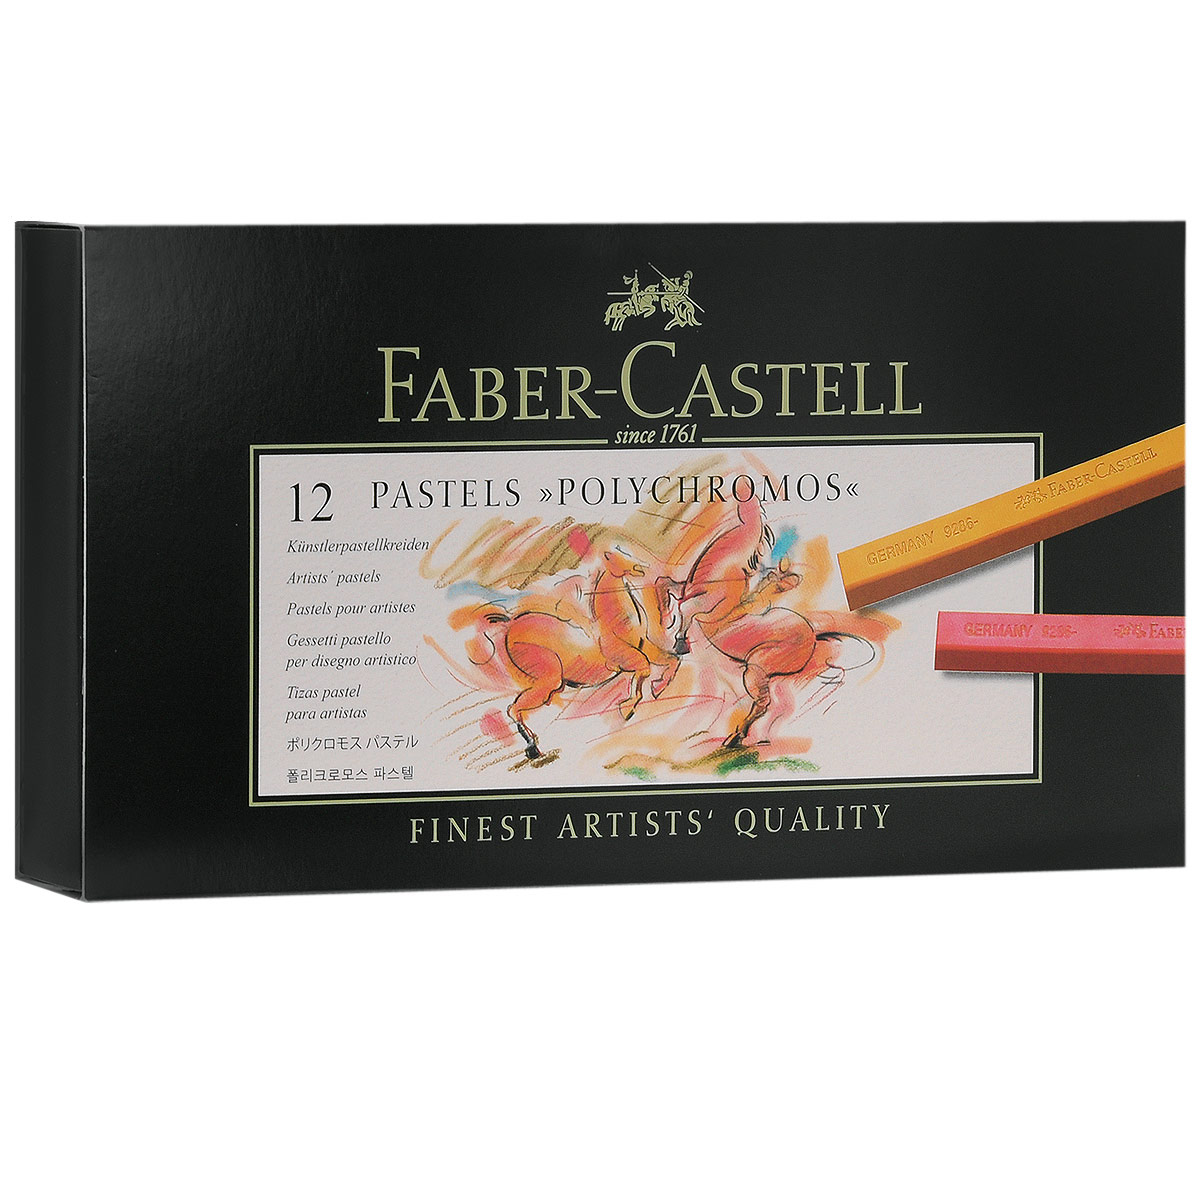 Пастель Faber-Castell Polychromos, 12 шт128512Набор Faber-Castell Polychromos содержит пастель прямоугольной формы в виде мелков 12 ярких цветов. Пастель великолепного качества не крошится при работе, обладает отличными кроющими свойствами, обеспечивает хорошее сцепление с поверхностью, яркость и долговечность изображения. Пастелью Faber-Castell Polychromos можно рисовать в любой технике, сочетая ее с цветными карандашами и красками.